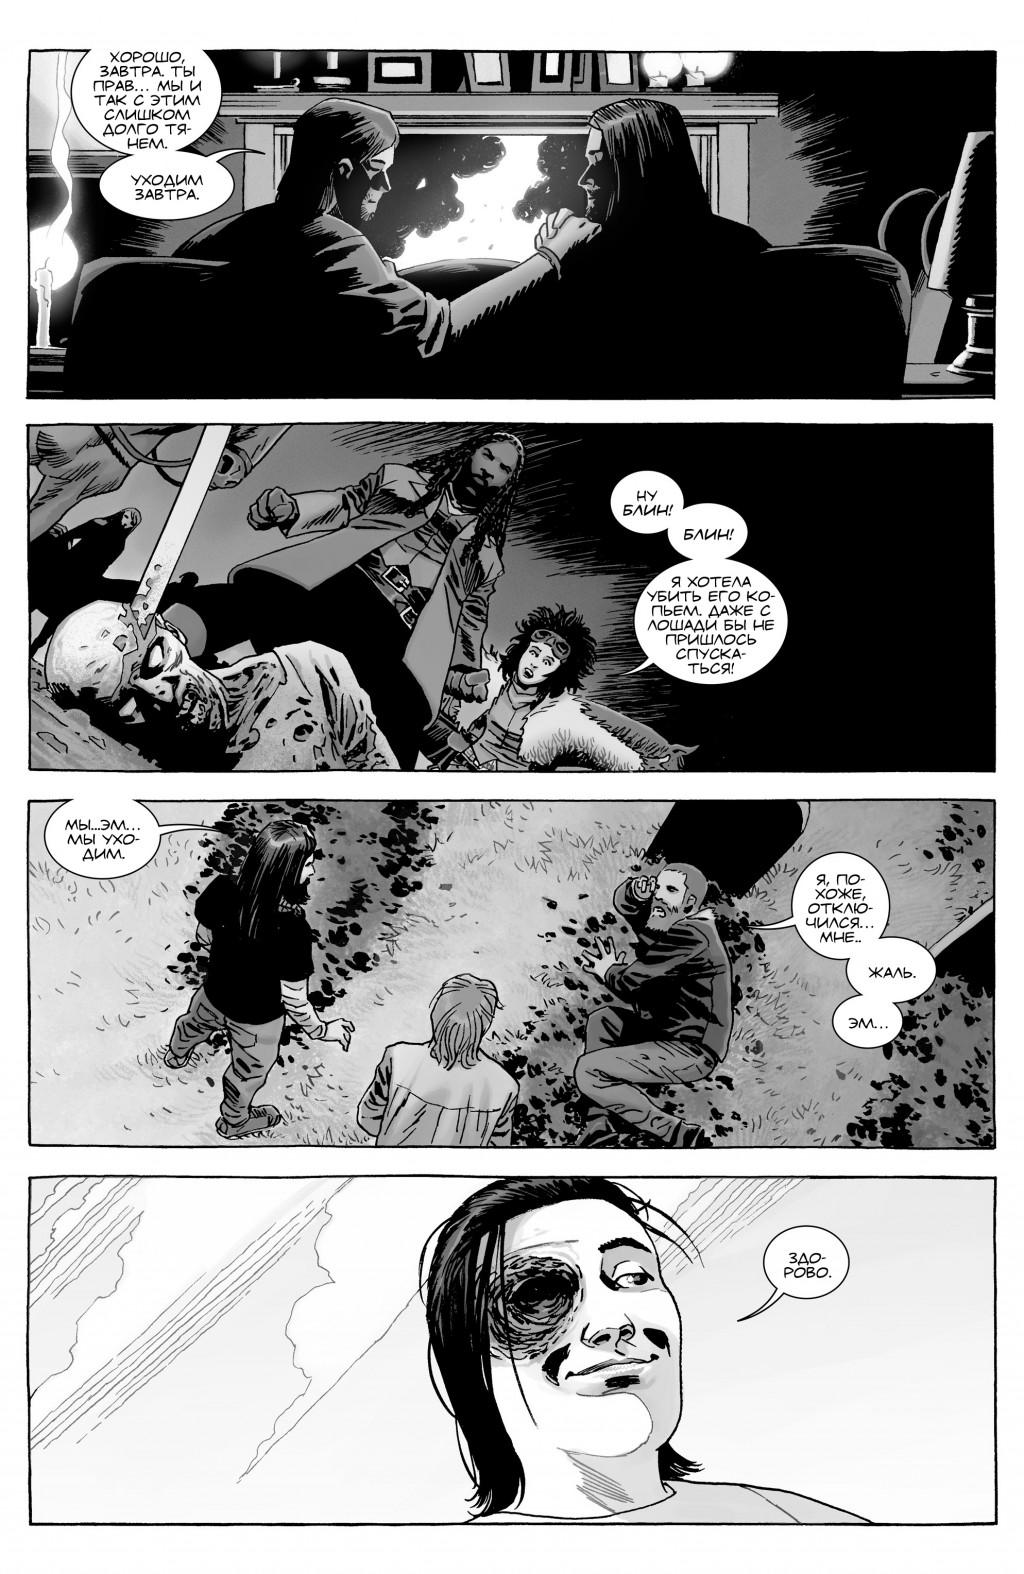 The Walking Dead 172-008_full.jpg